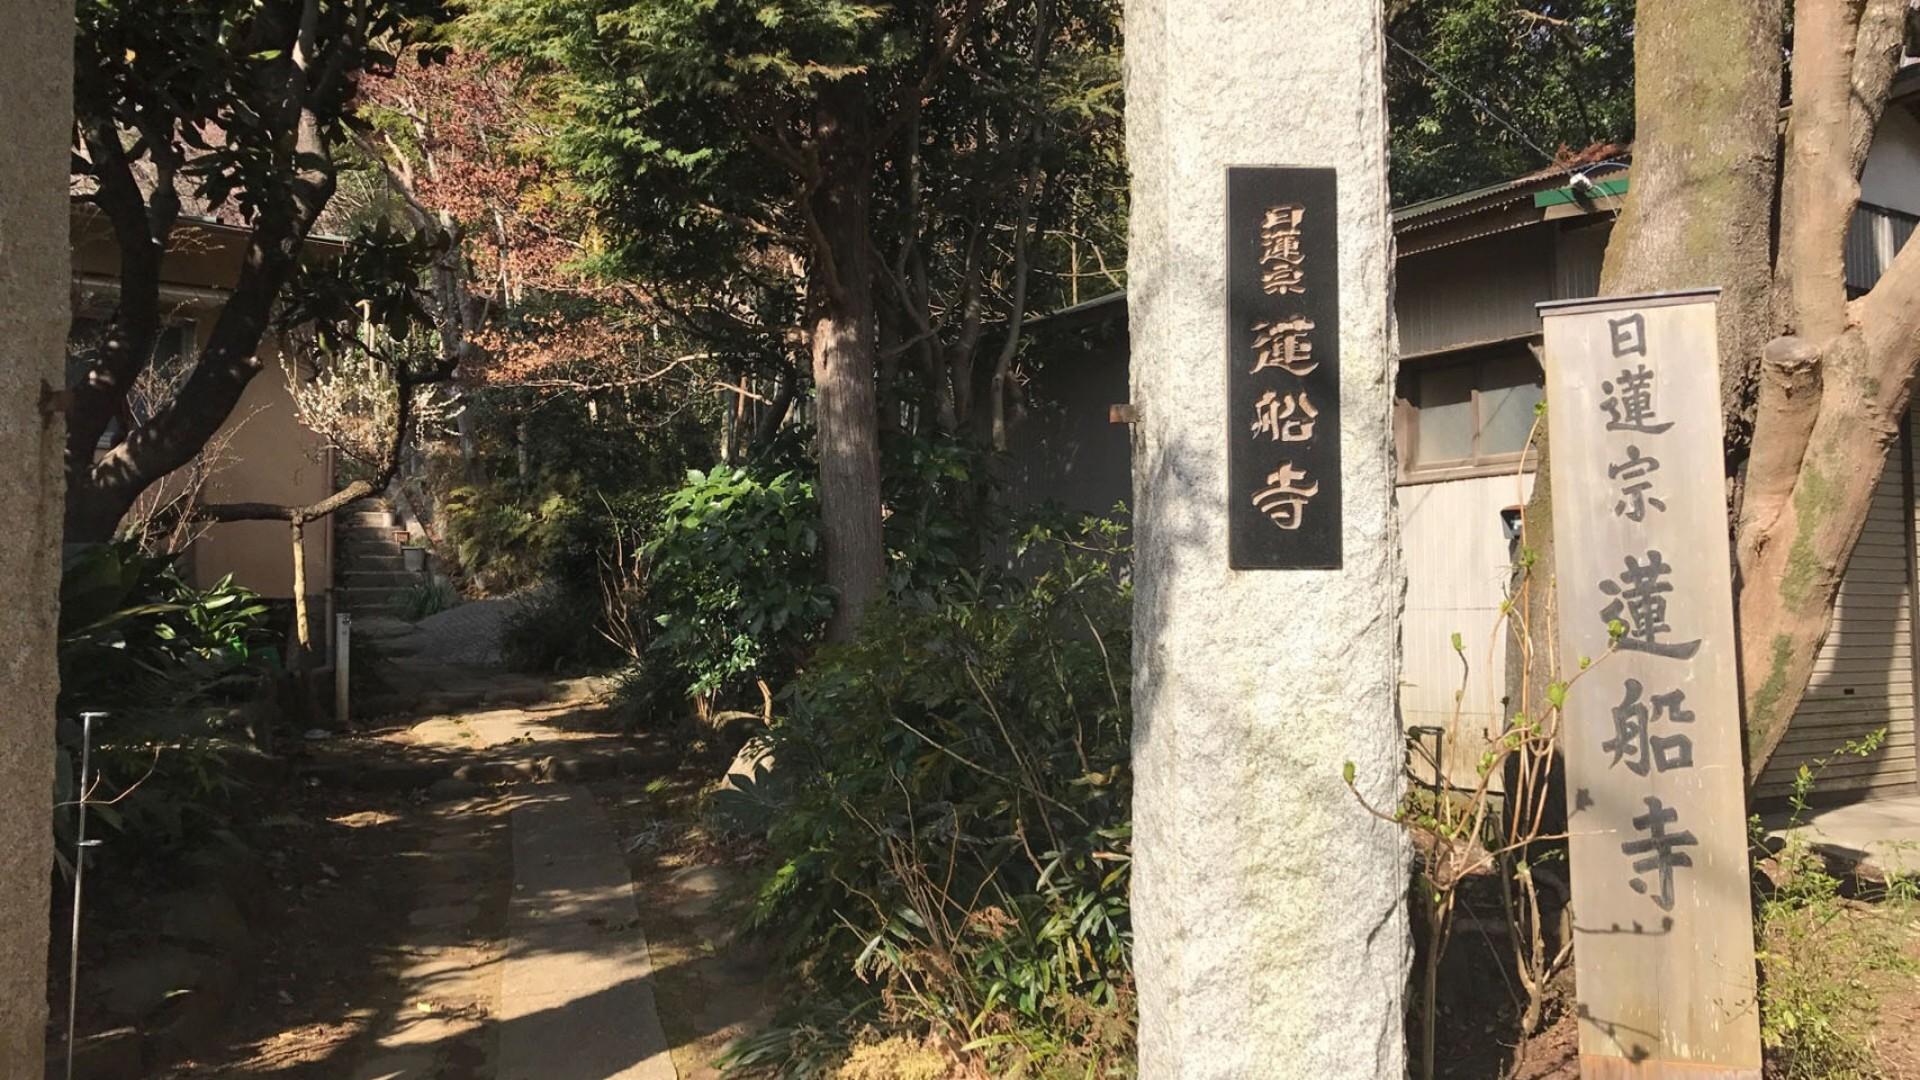 Temple Rensenji(Odawara Hachifukujin / Daikoku-sonten)